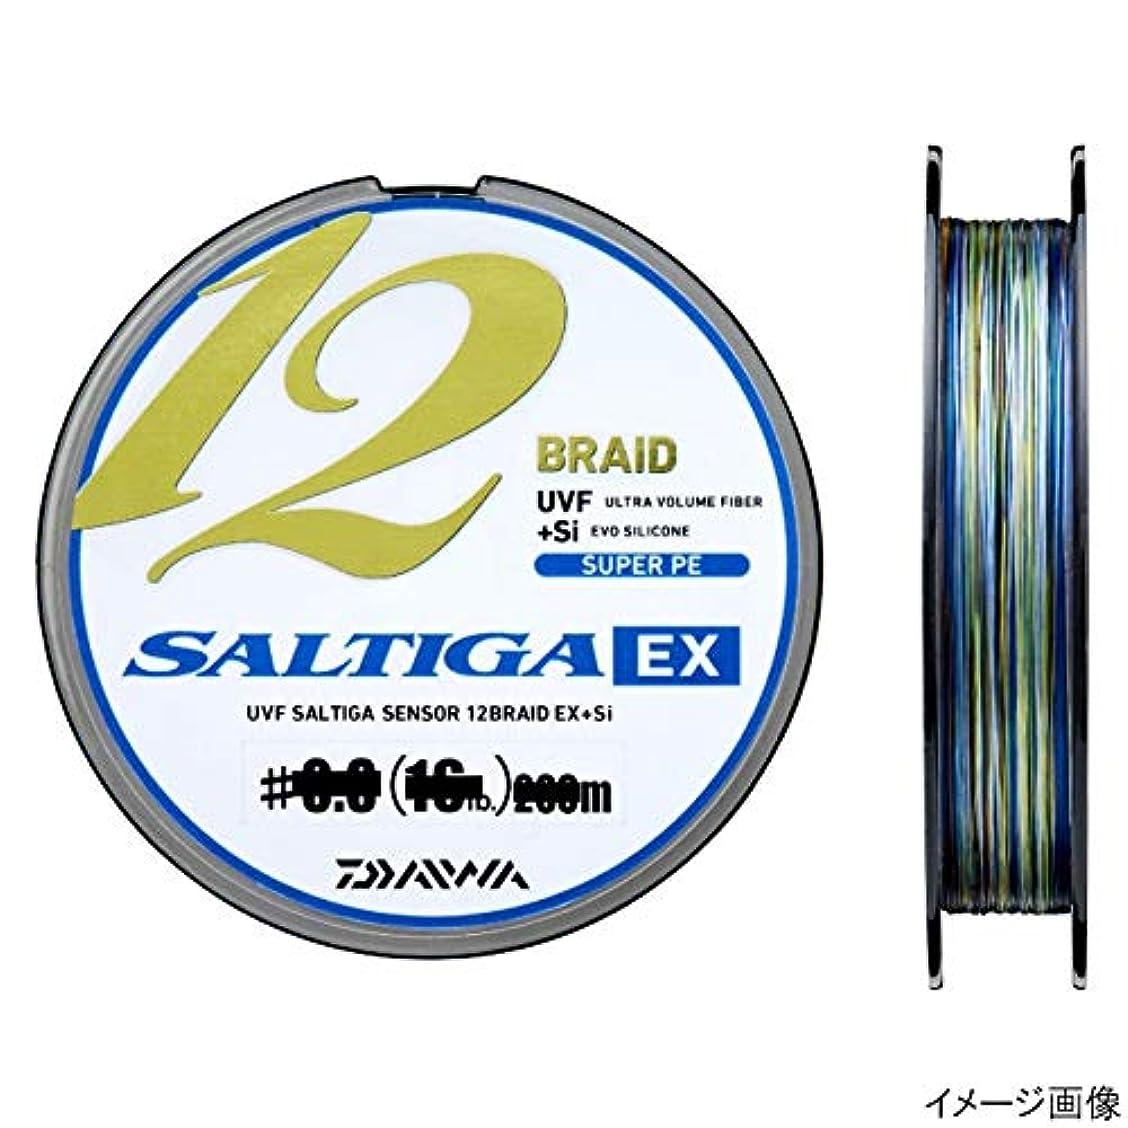 原理咳入札ダイワ ライン UVF ソルティガセンサー 12ブレイドEX+Si 300m 1.5号